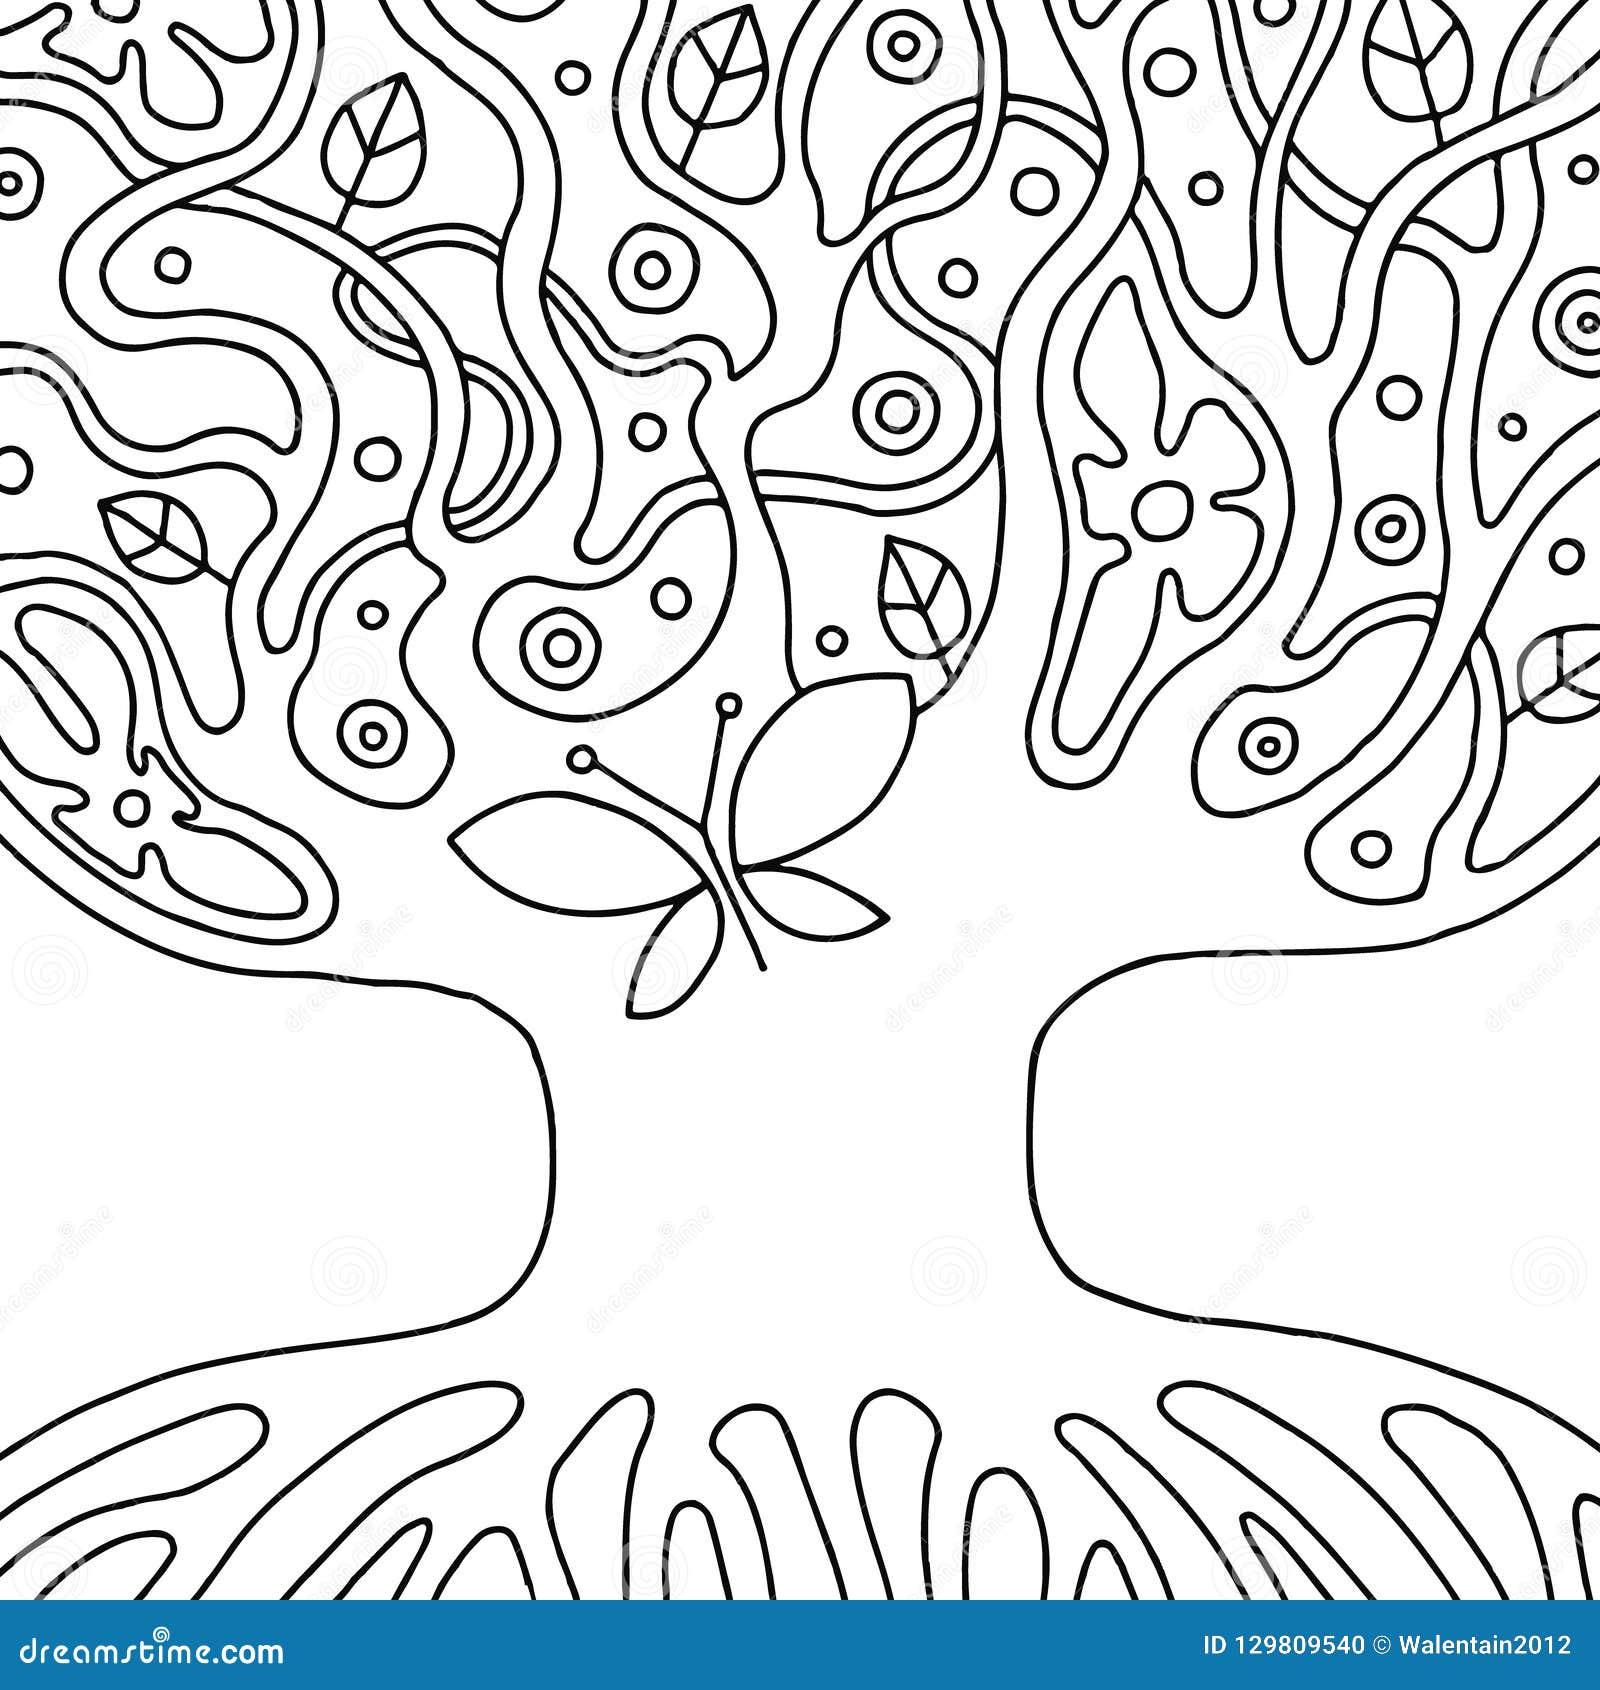 Illustrazione Disegnata A Mano In Bianco E Nero Di Vettore Dell